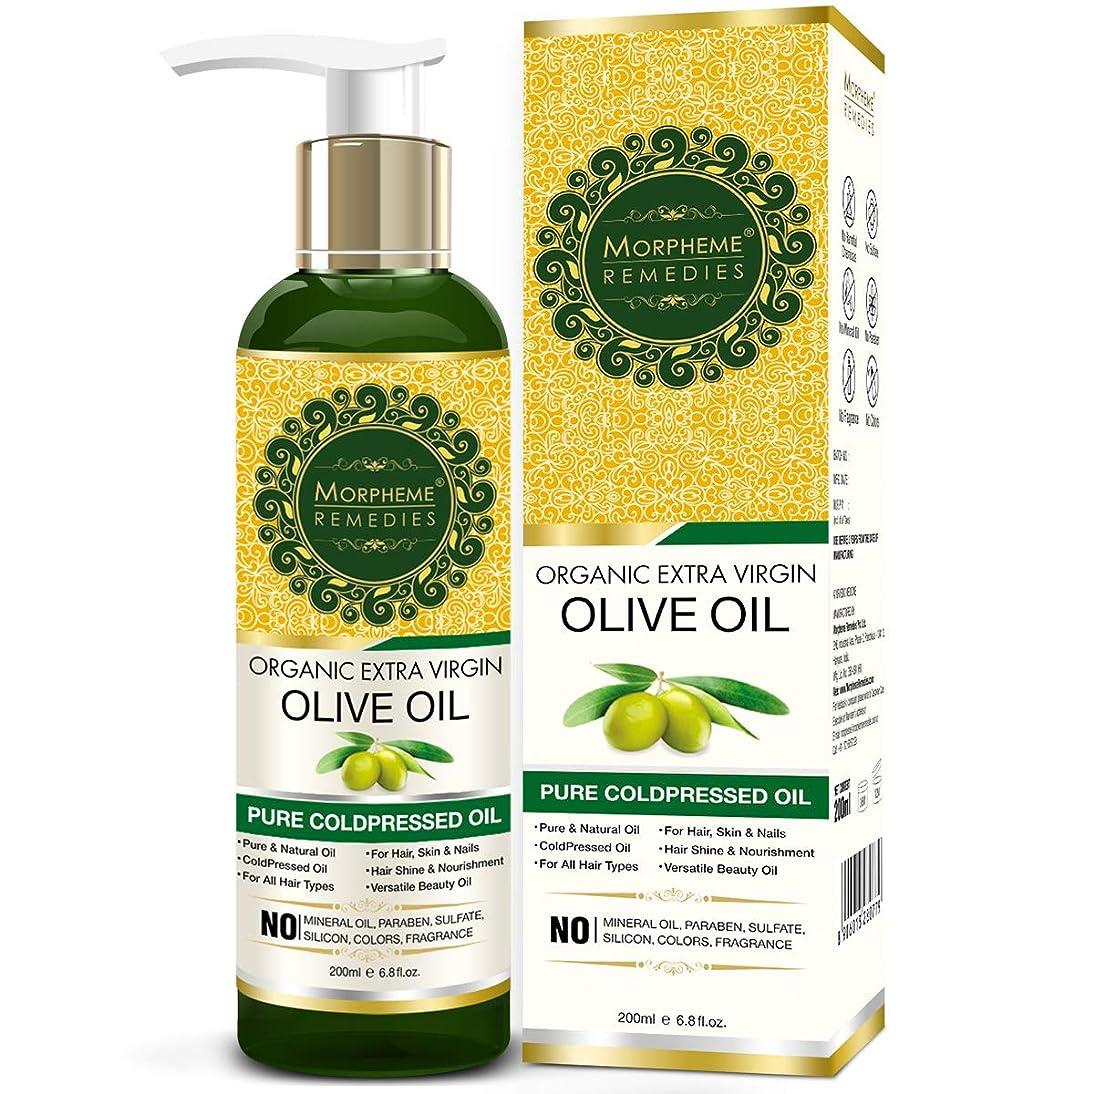 探検権威ウィザードMorpheme Remedies Organic Extra Virgin Olive Oil (Pure ColdPressed Oil) For Hair, Body, Skin Care, Massage, Eyelashes 200 ml